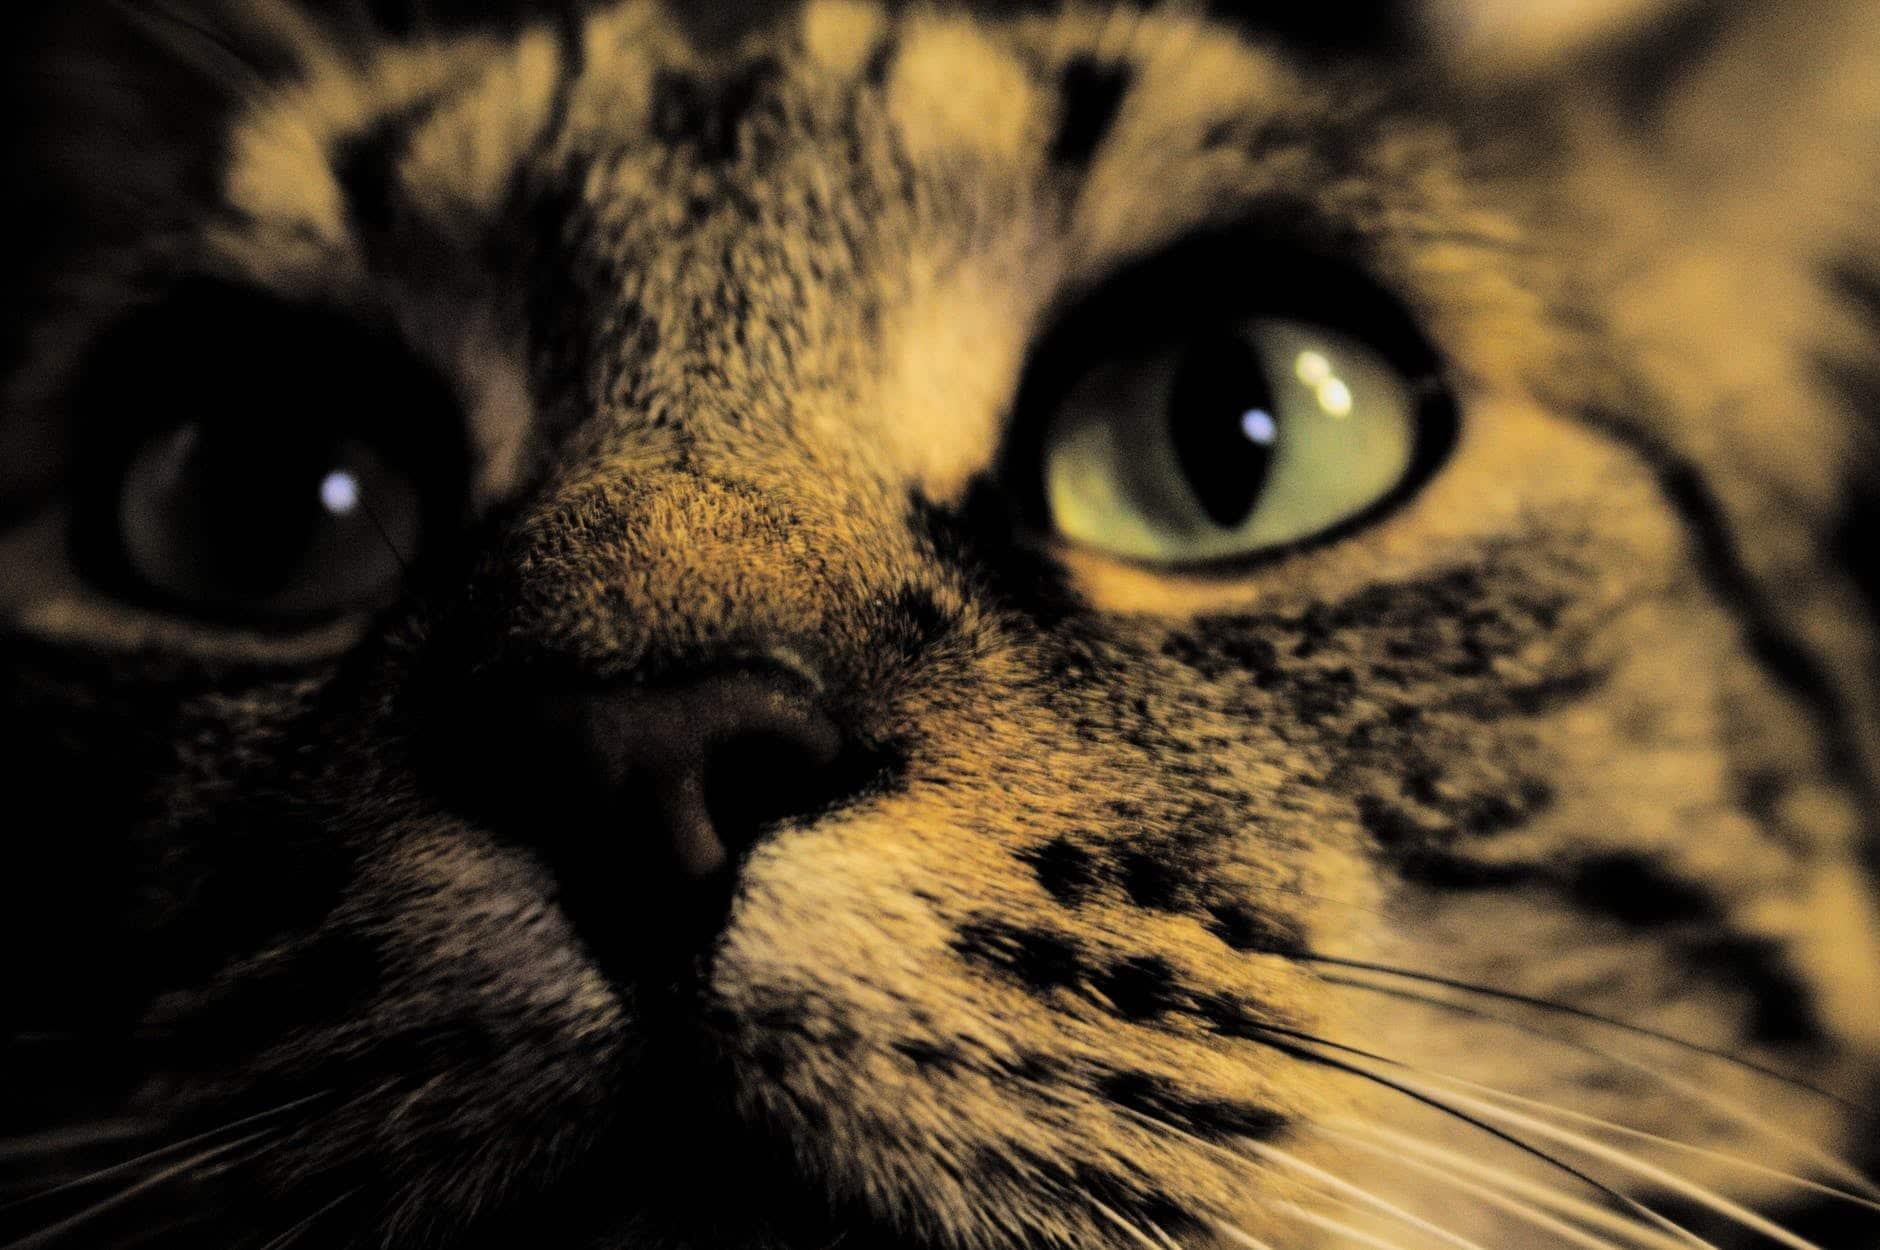 La lluna a veces influye en el comportamiento de los gatos